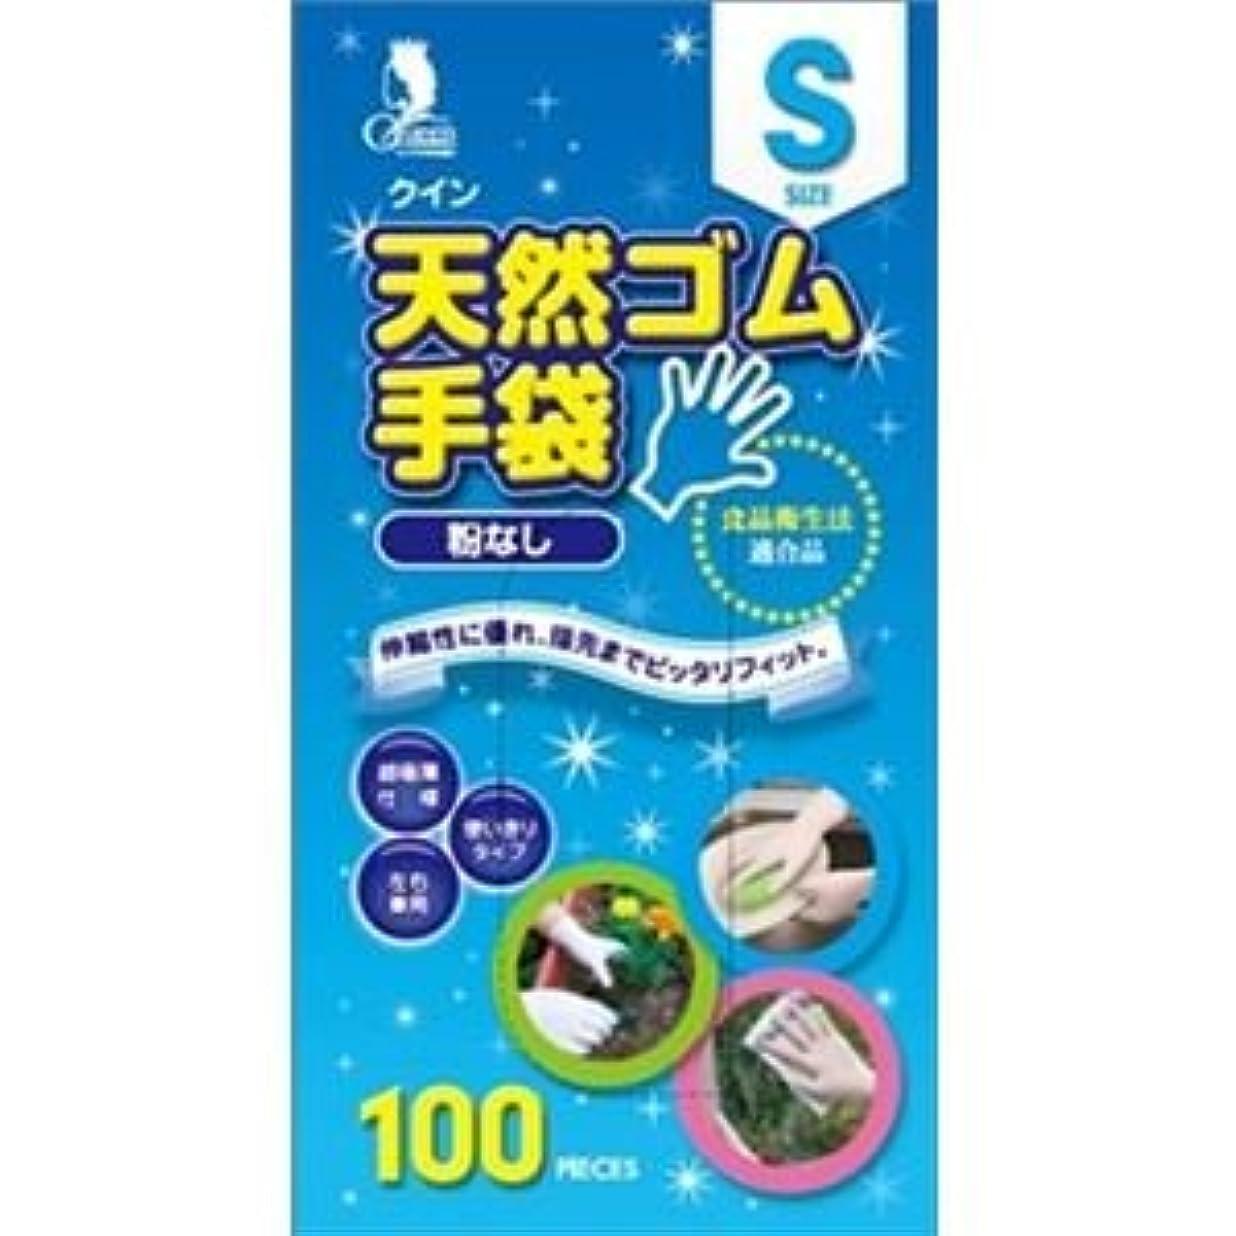 晩ごはん送る年齢(まとめ)宇都宮製作 クイン天然ゴム手袋 S 100枚入 (N) 【×3点セット】